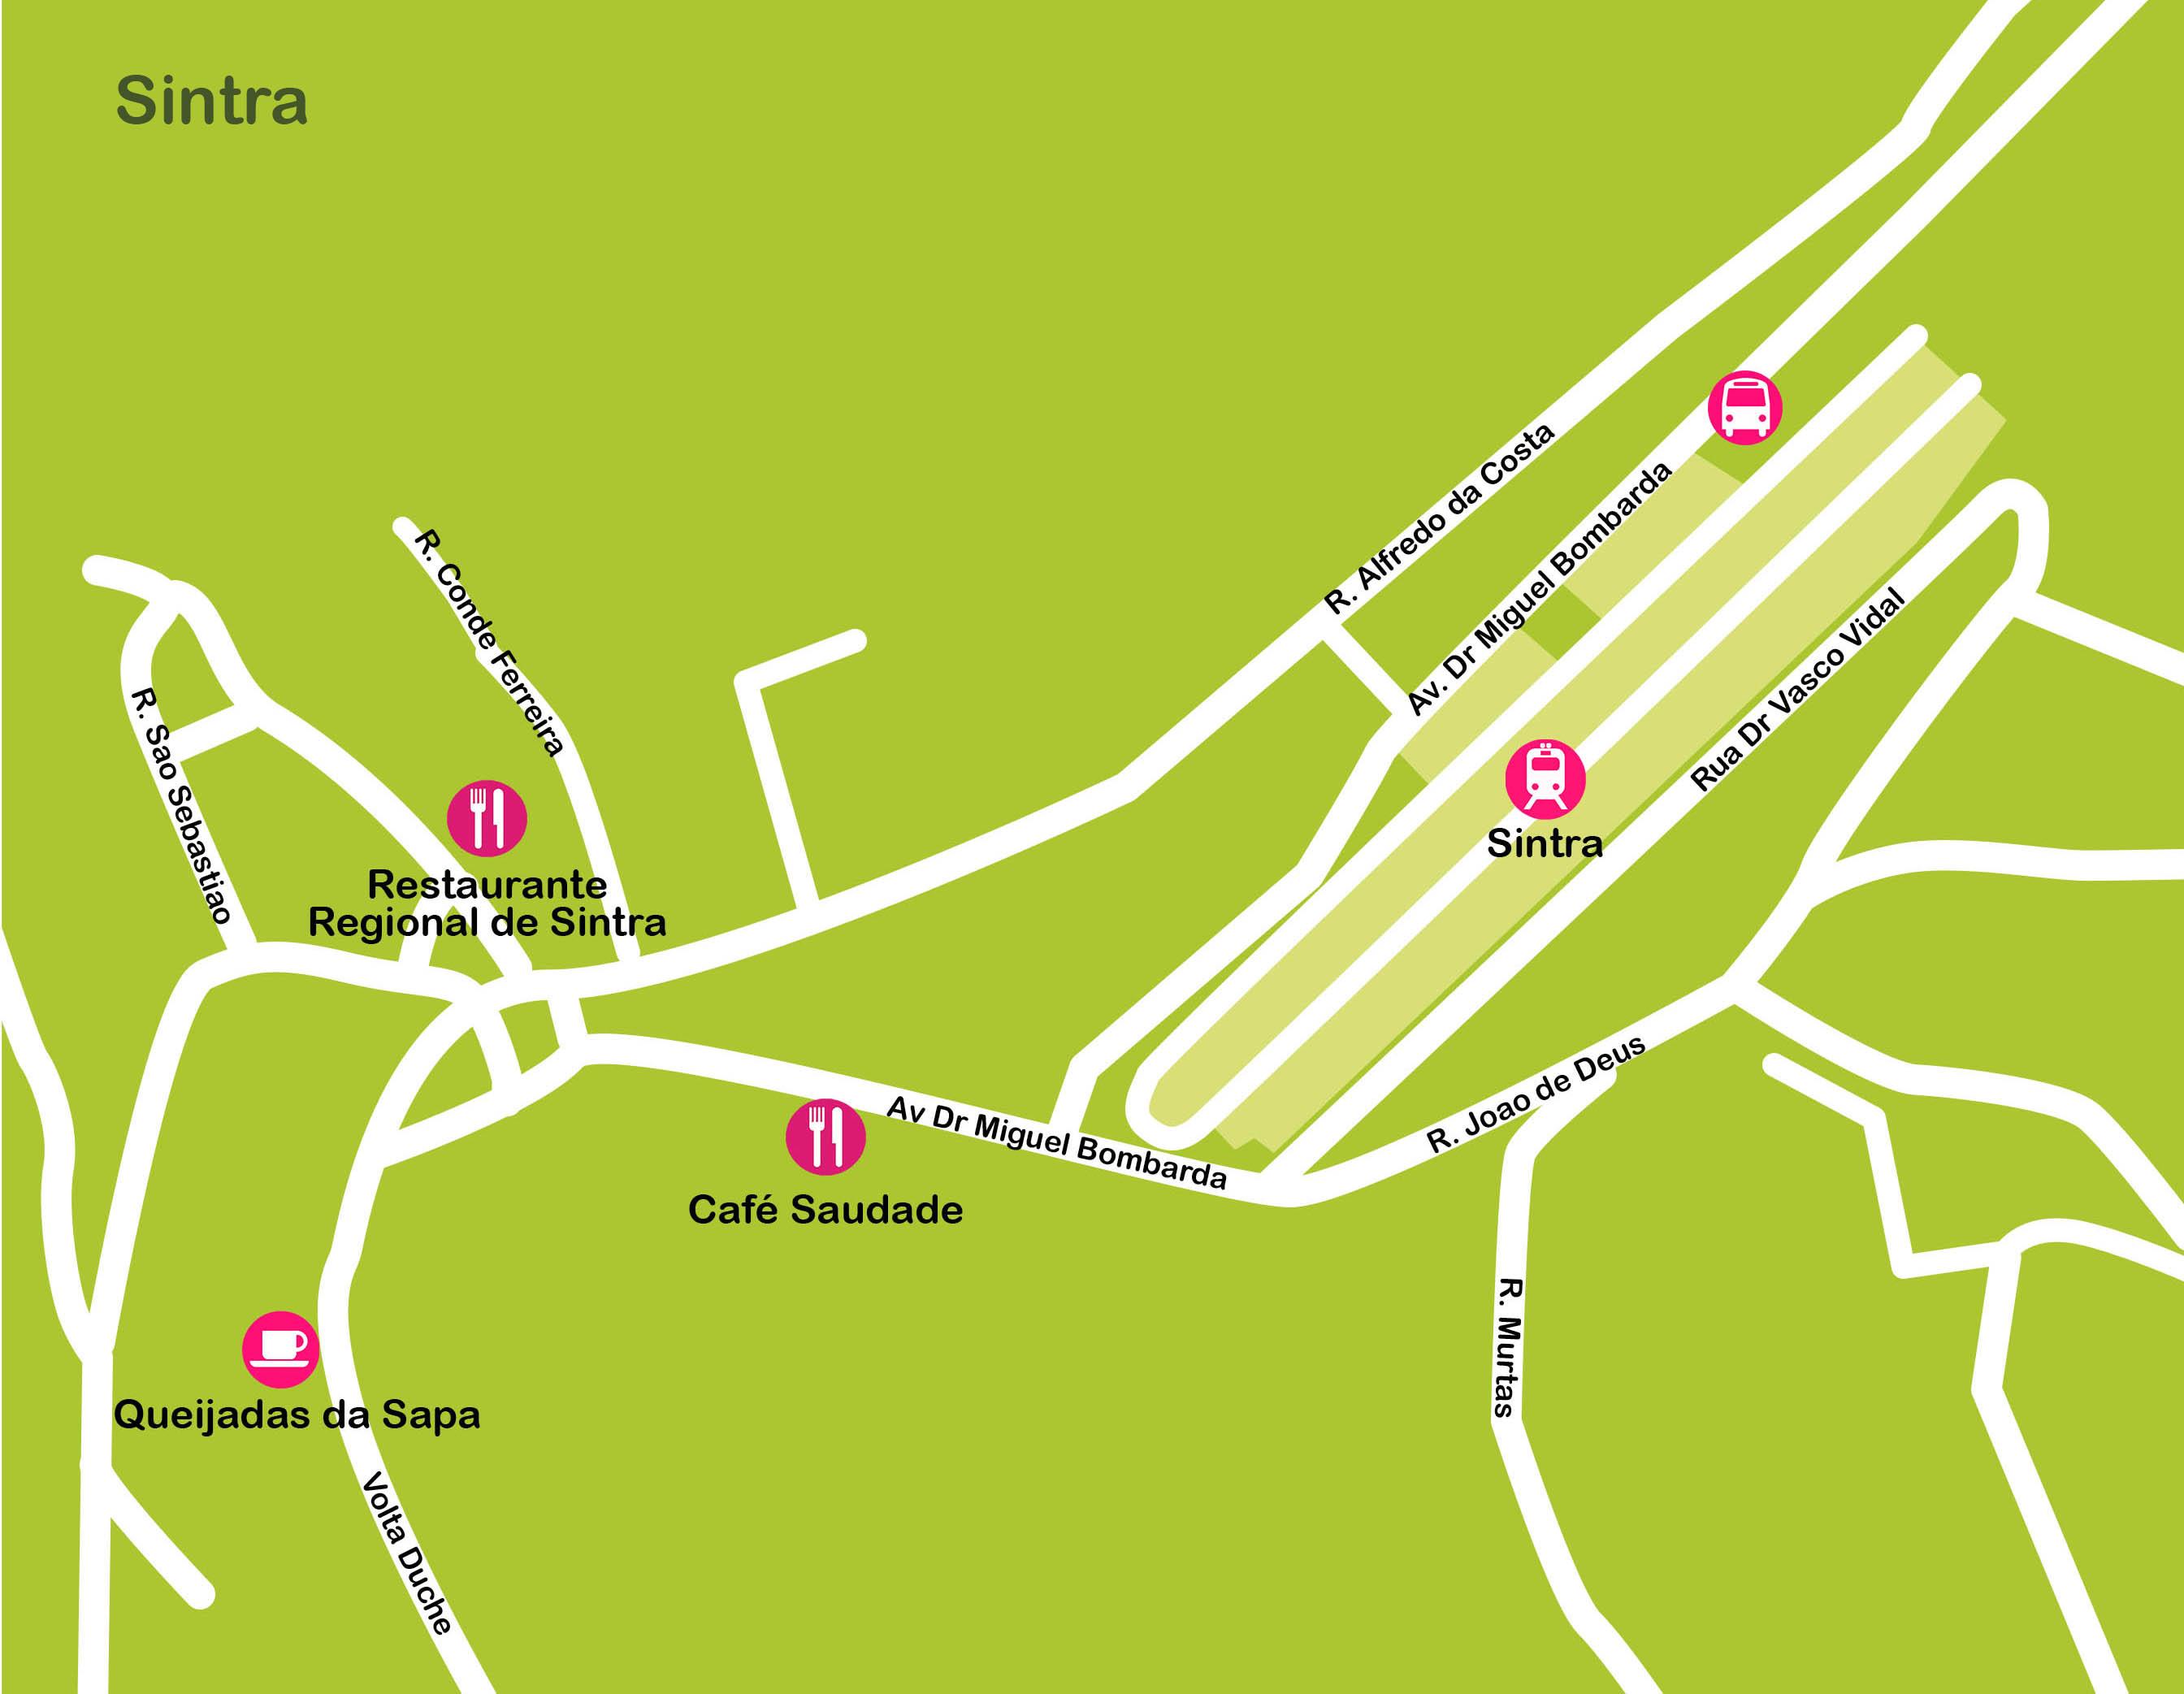 Mapa de Lisboa. Sintra